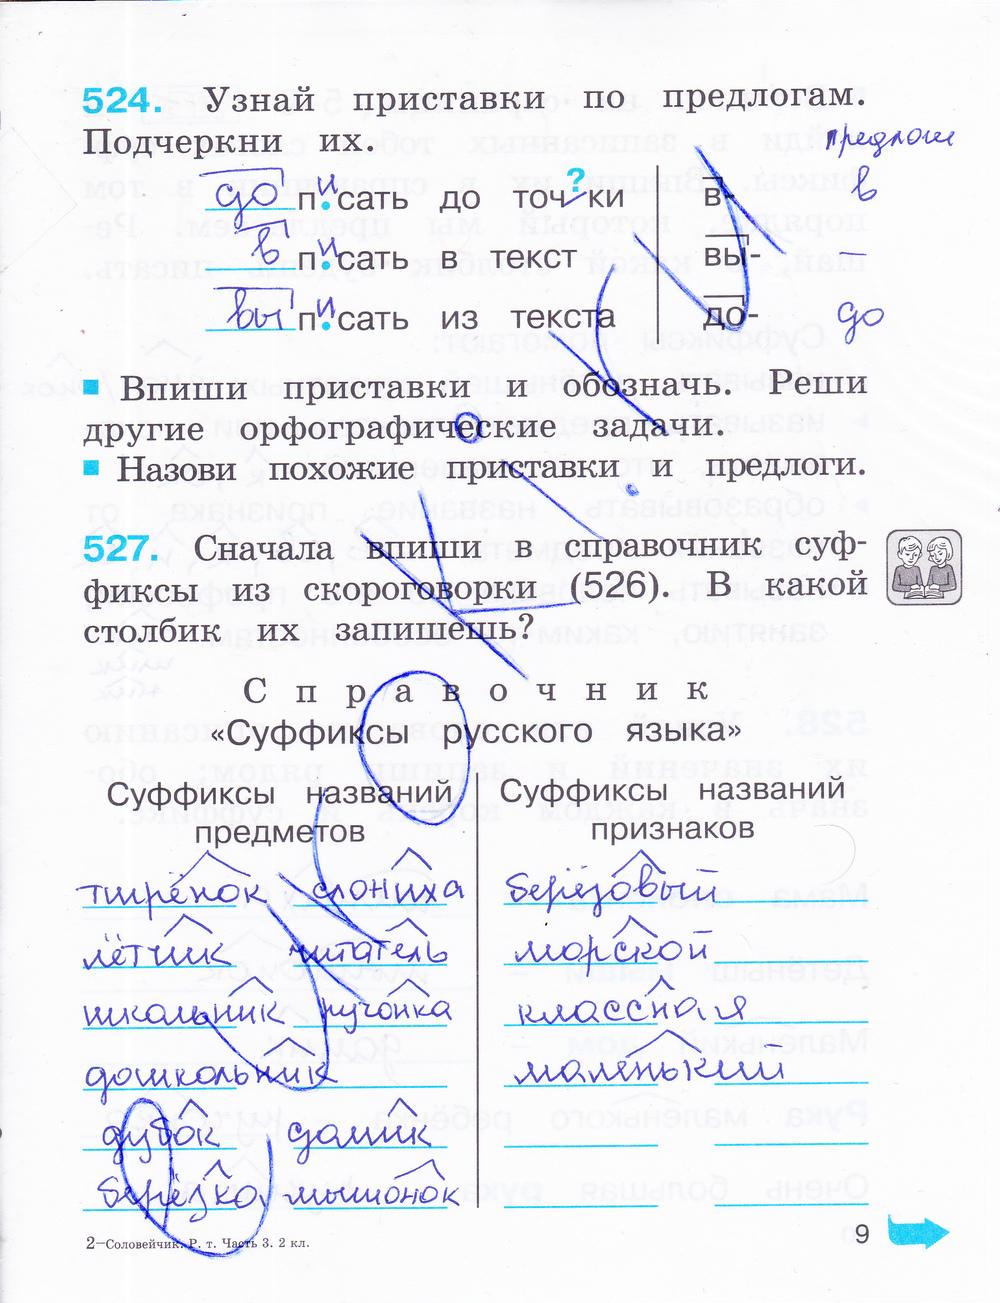 Русский язык 3 класс 2018 соловейчик кузьменко 2 часть решебник